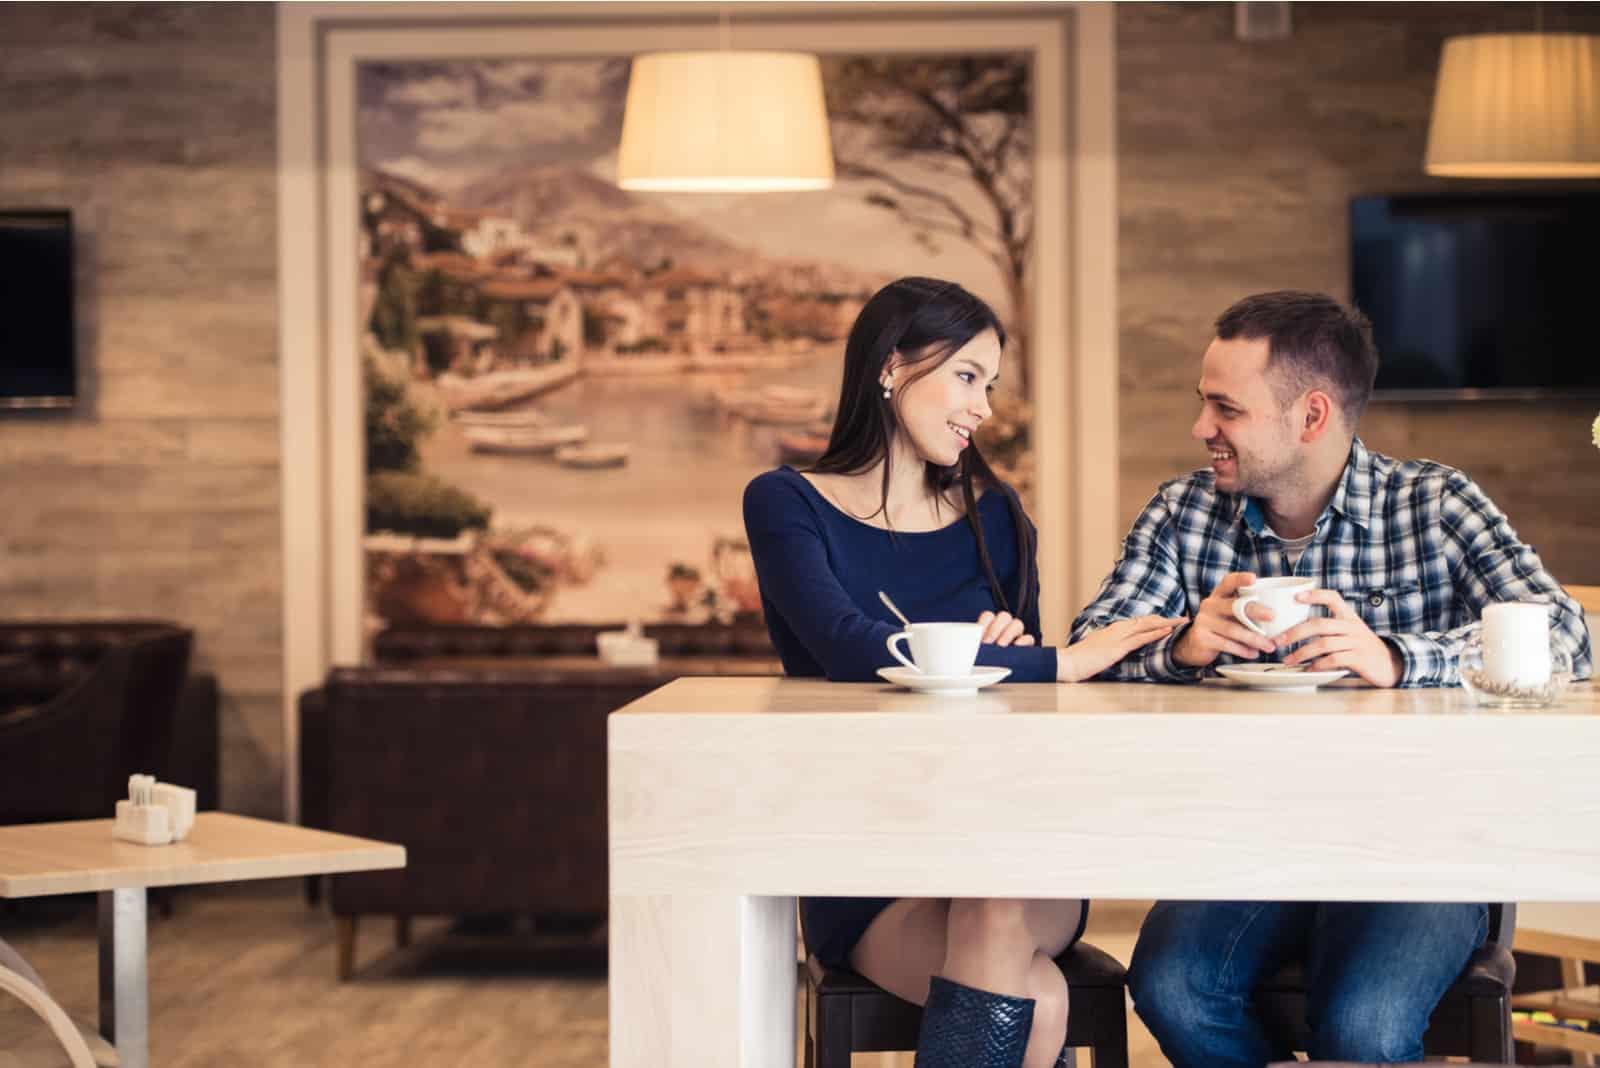 Ein Mann und eine Frau sitzen an einem Tisch und unterhalten sich